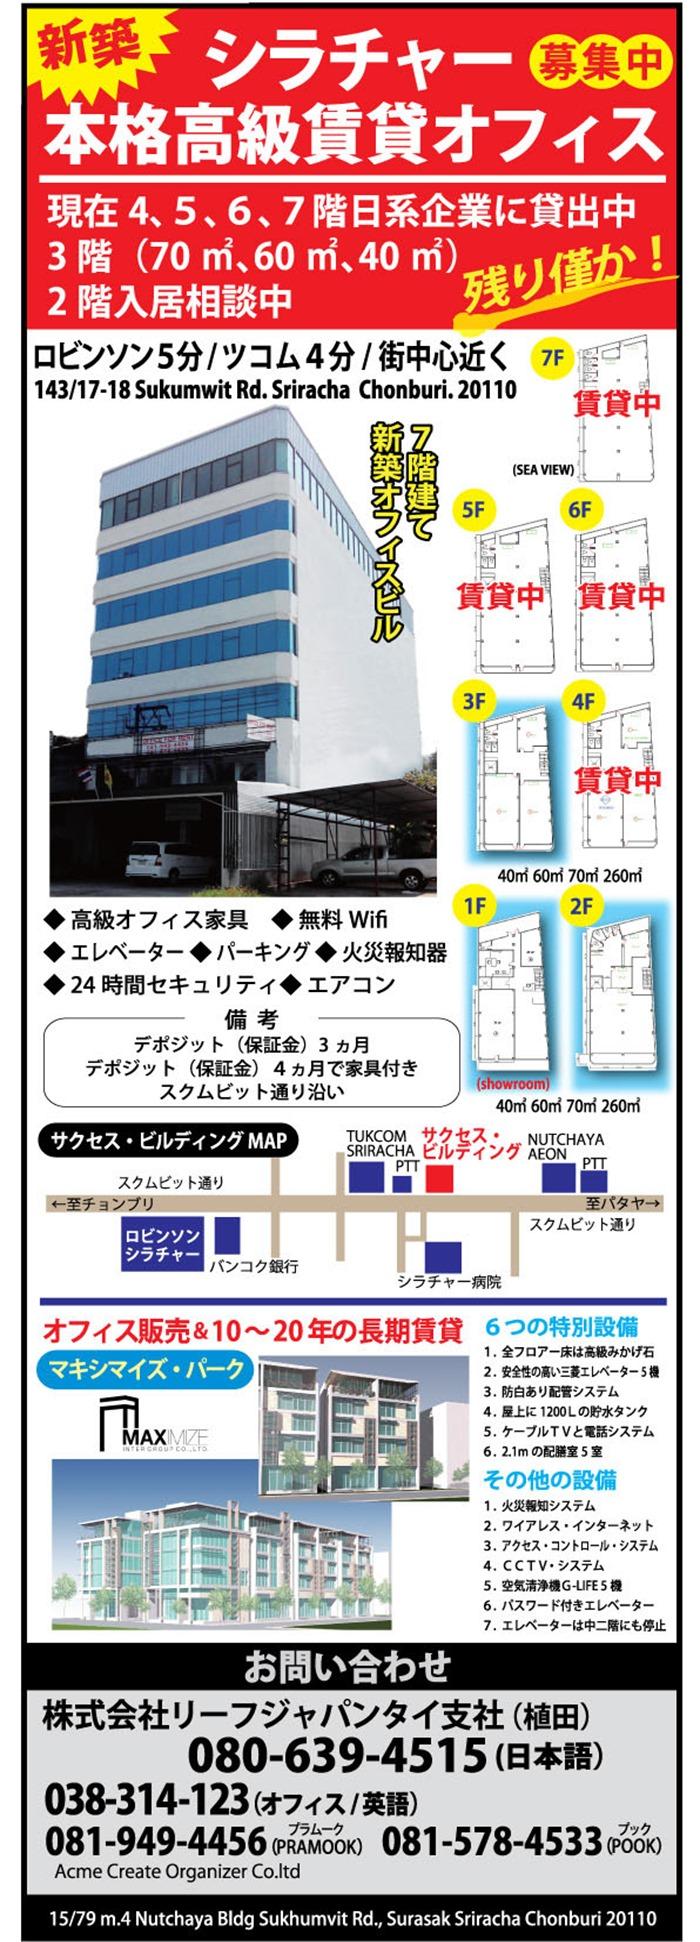 株式会社リーフジャパンの広告